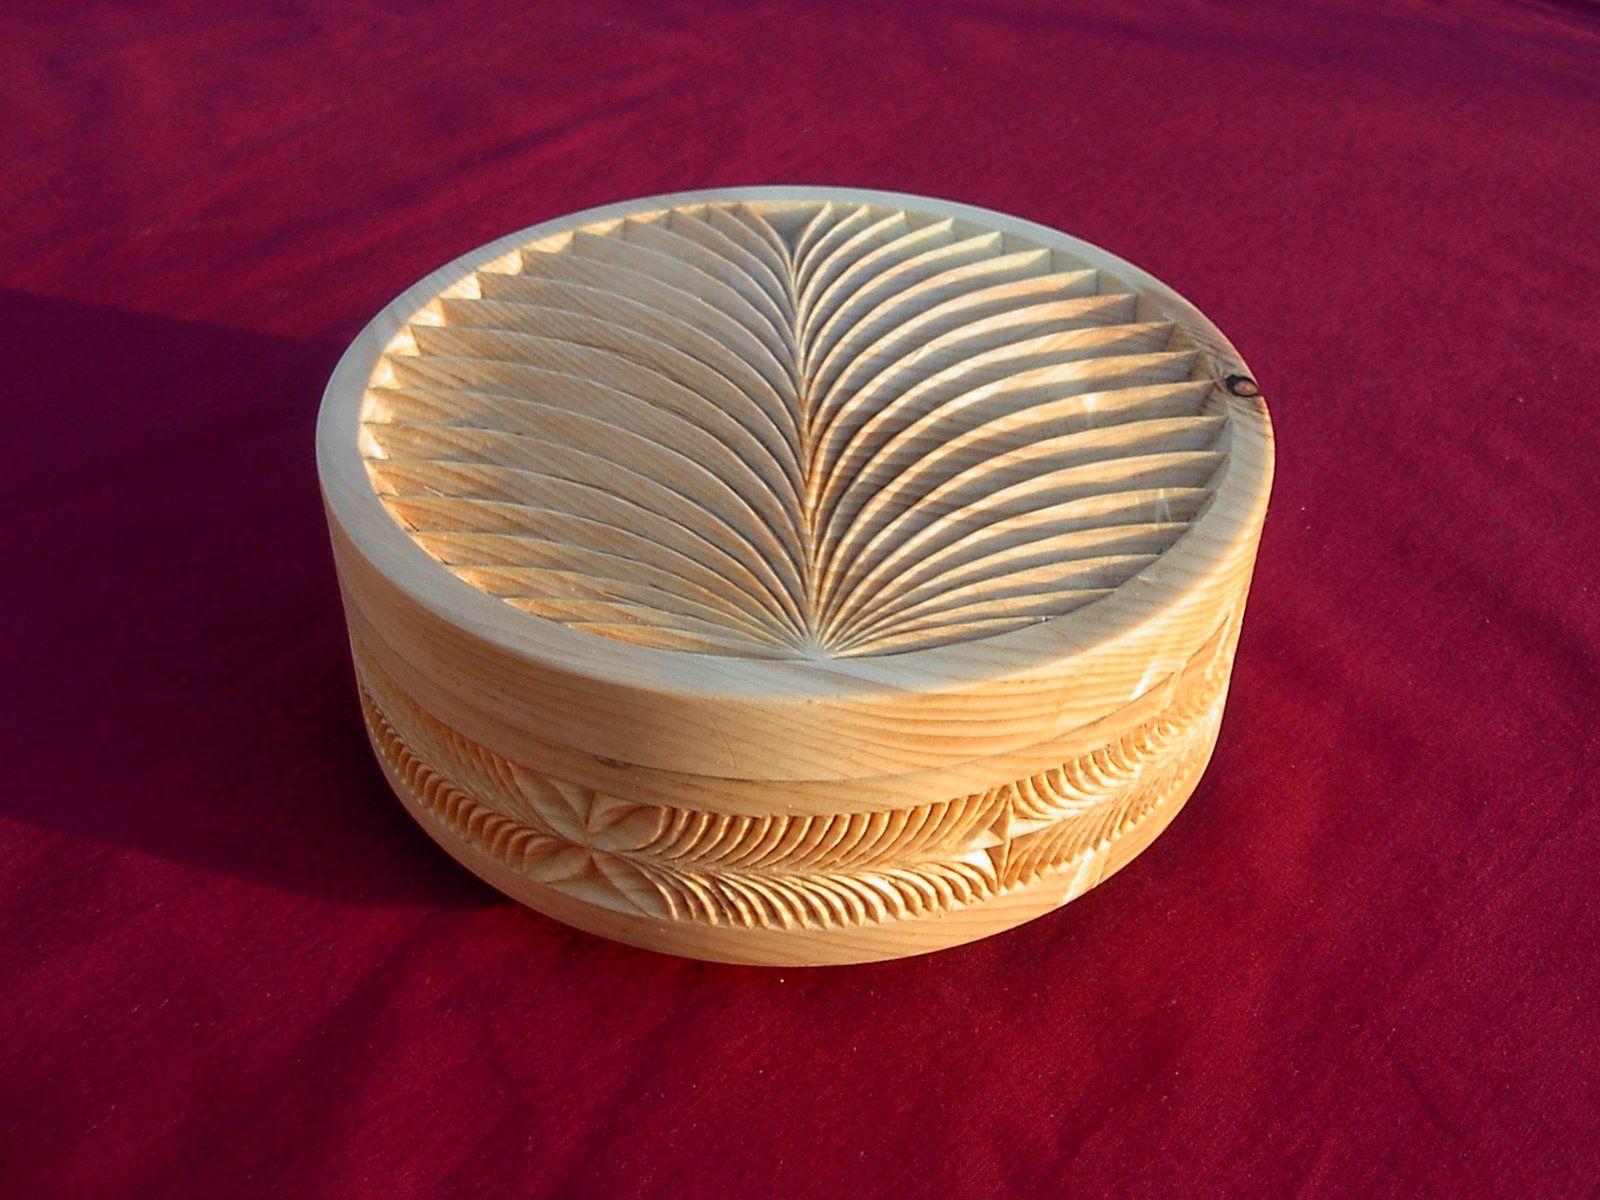 Bo te en pin cembro par jean boucher sculpture sur bois du queyras au couteau wood - Modele sculpture sur bois gratuit ...